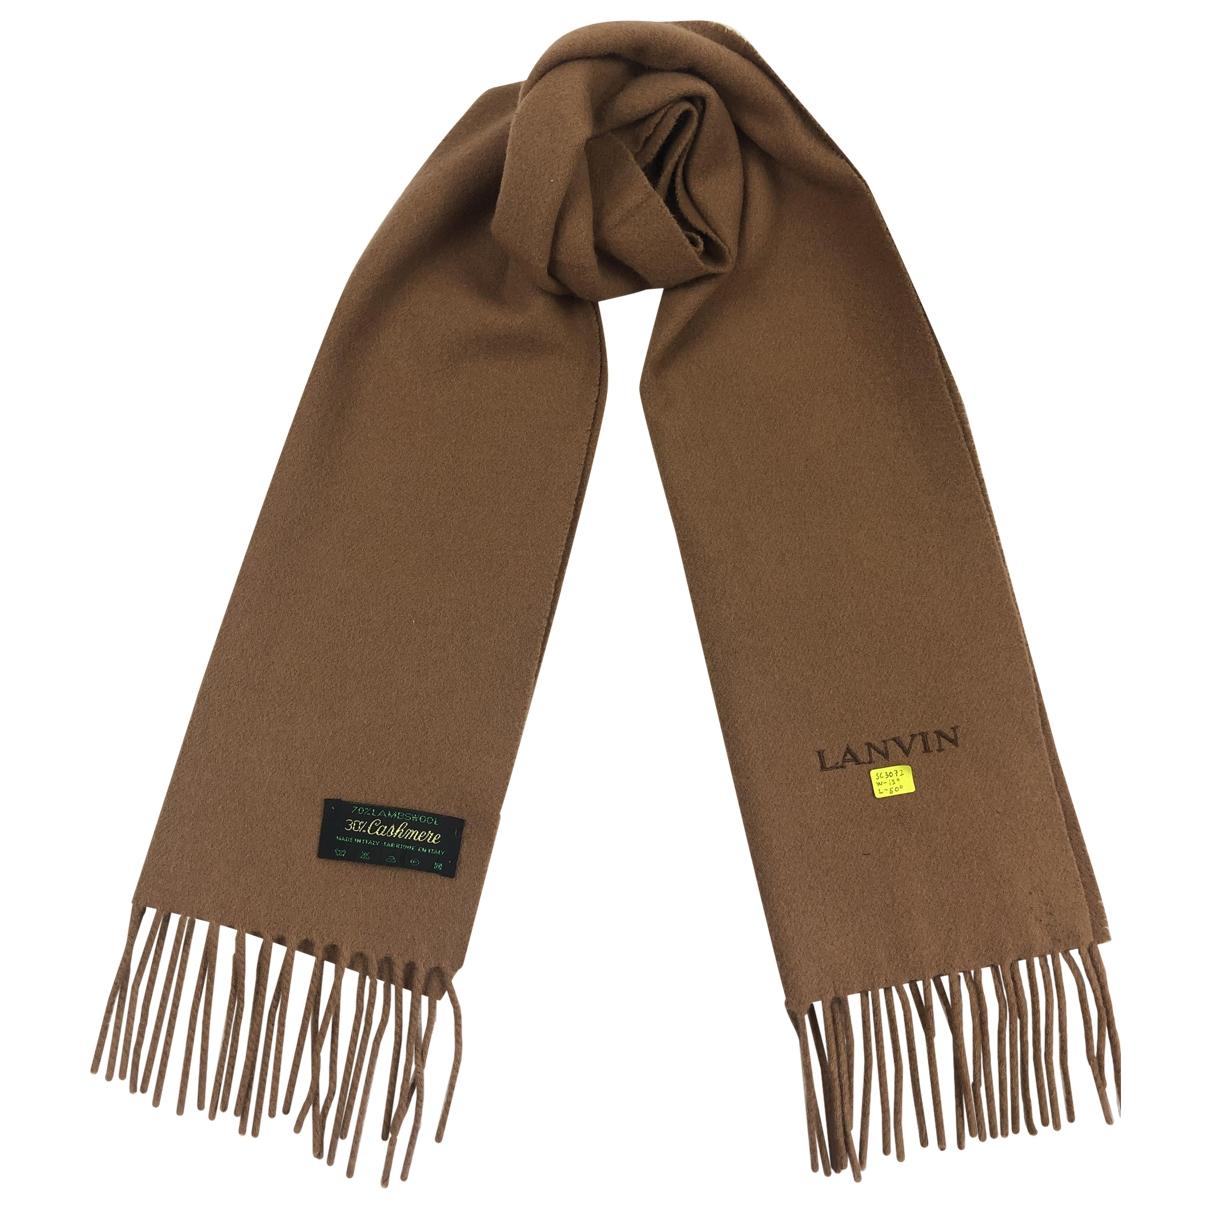 Lanvin - Cheches.Echarpes   pour homme en laine - marron